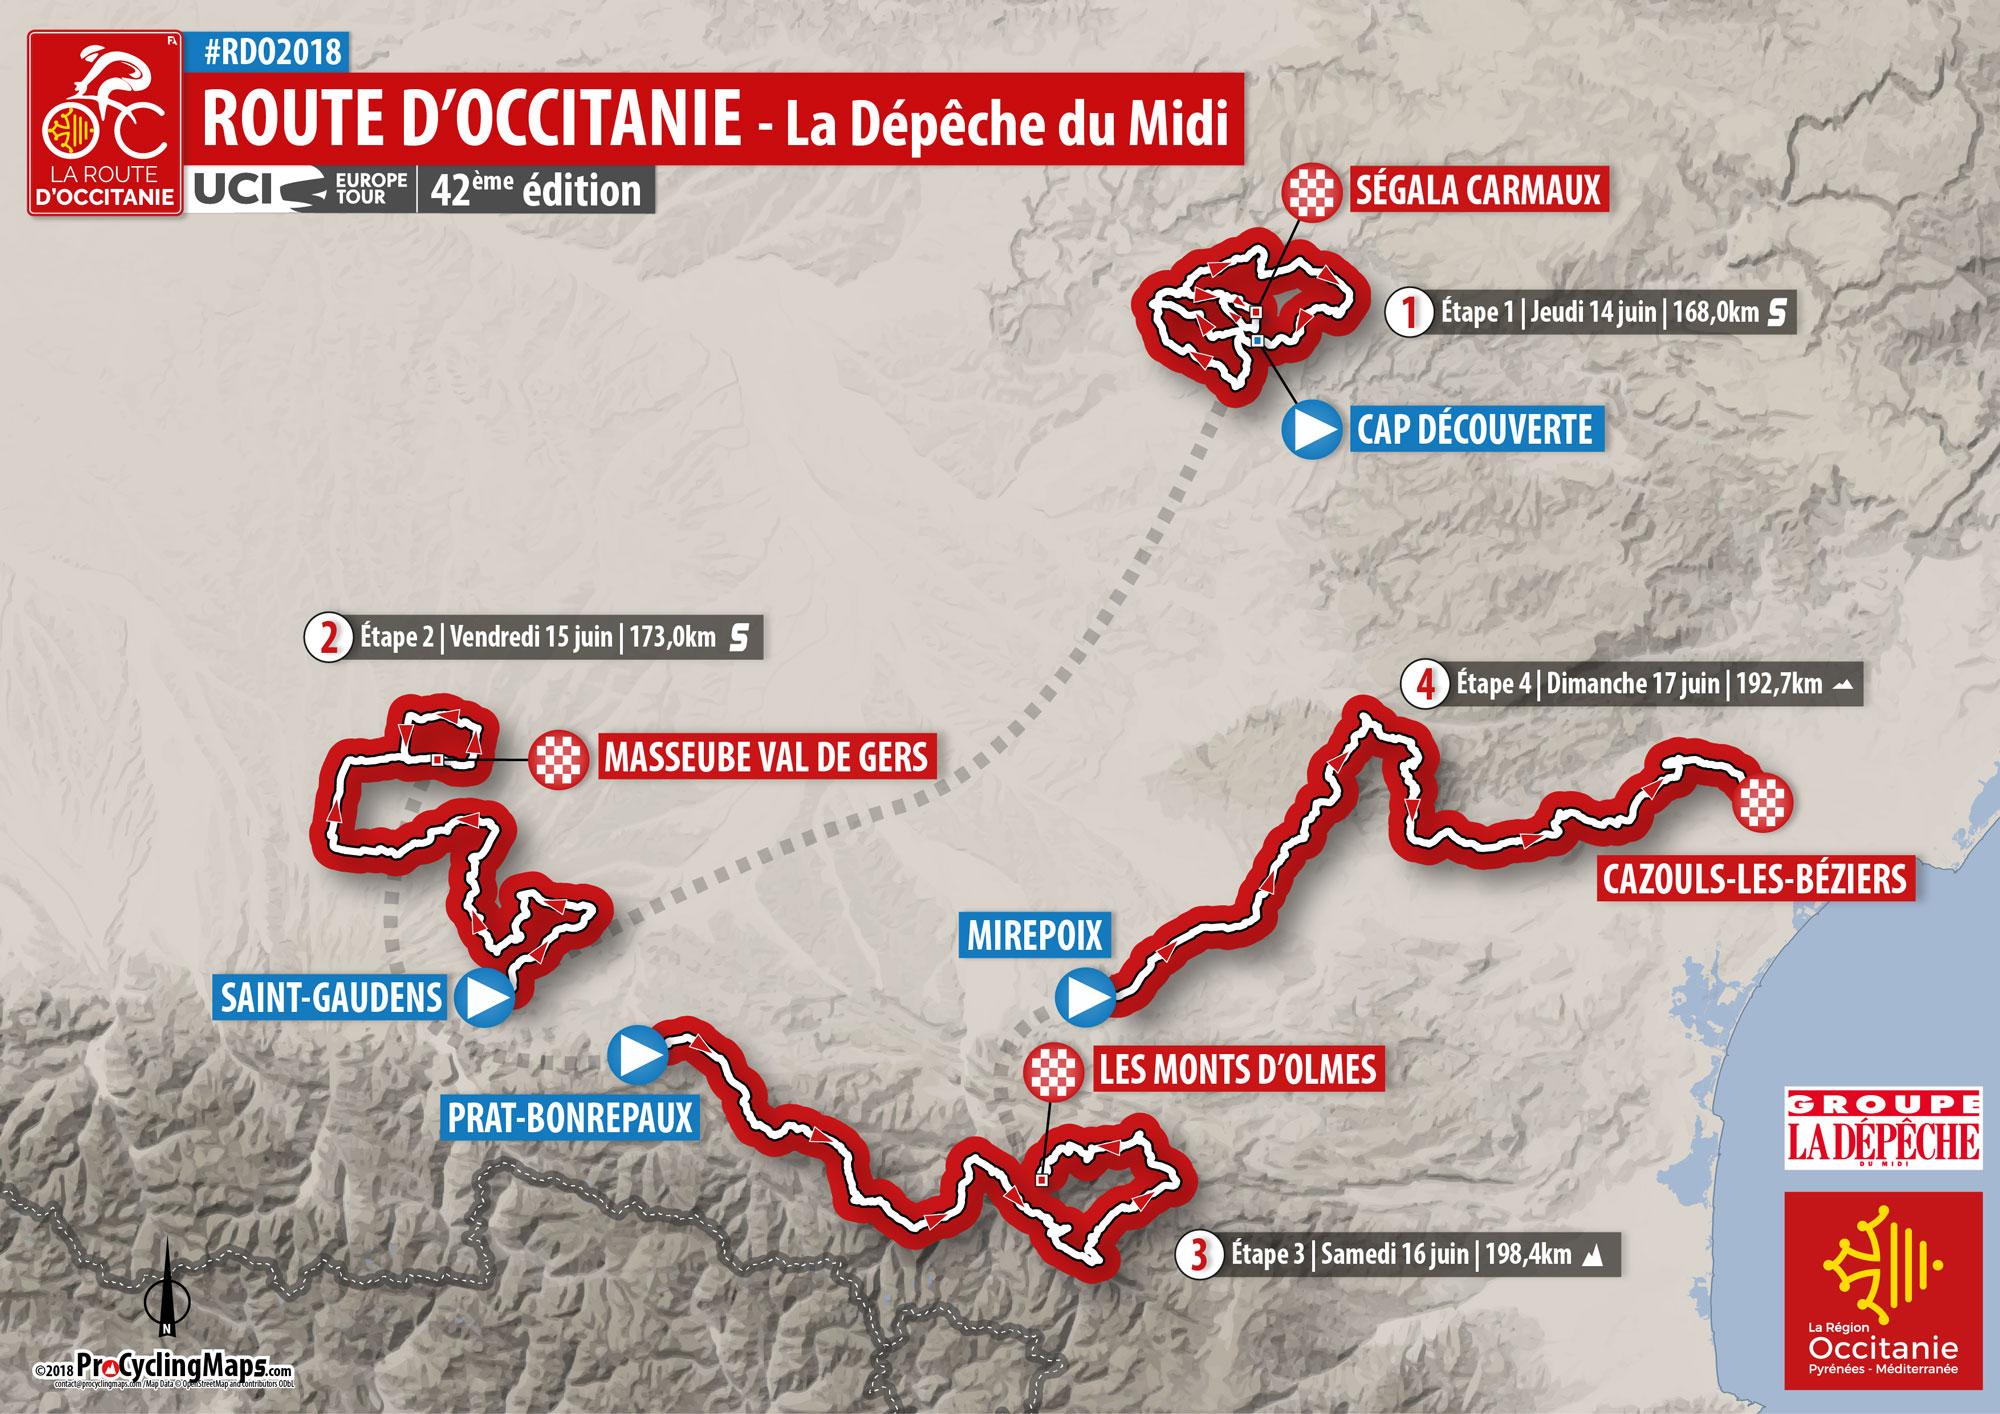 La Route du Sud devient La Route d'Occitanie